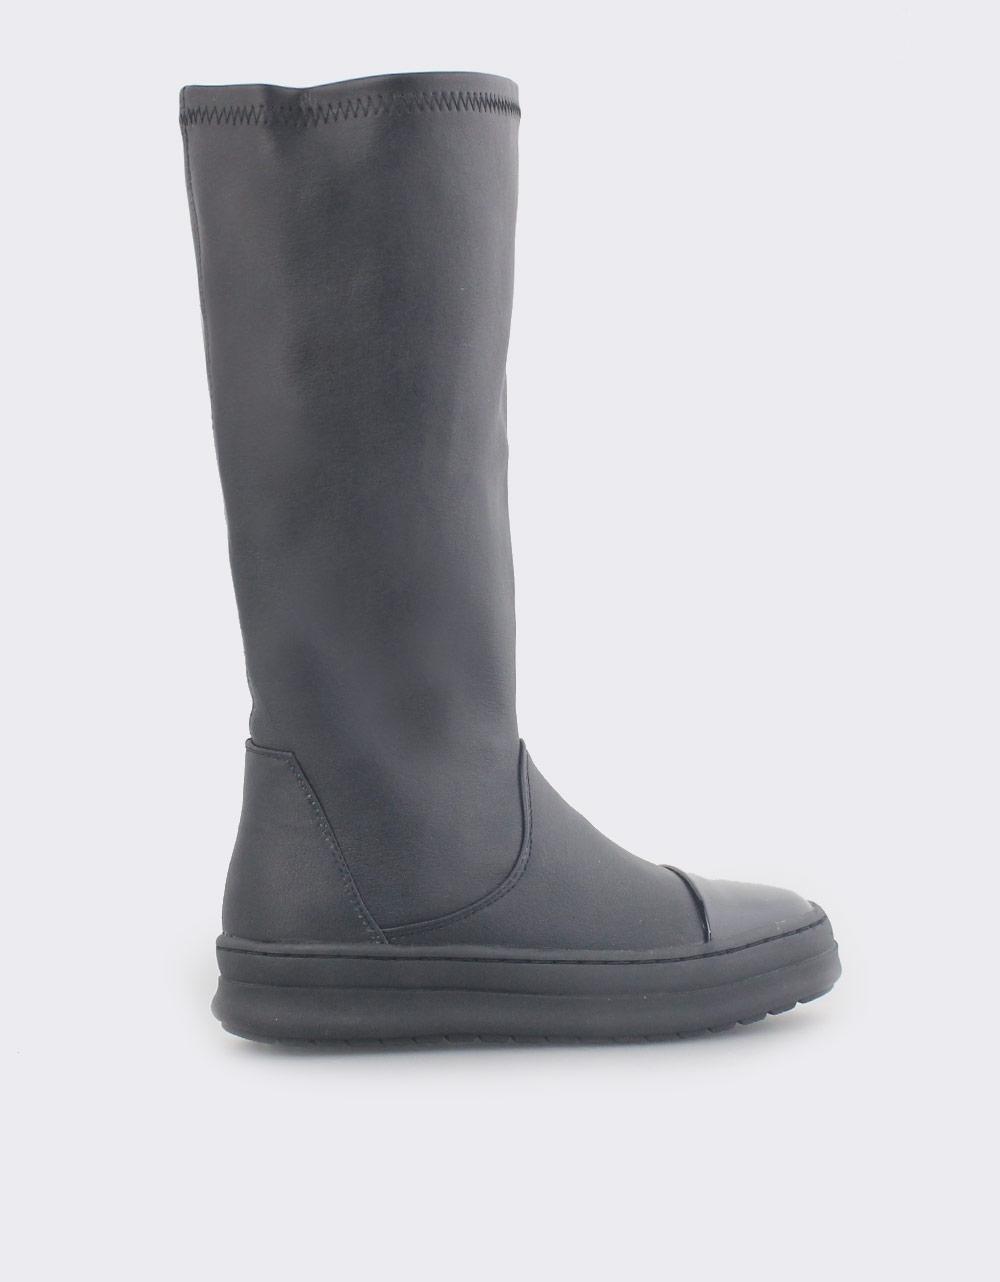 Εικόνα από Παιδικές μπότες ελαστικές με λουστρίνι Μαύρο